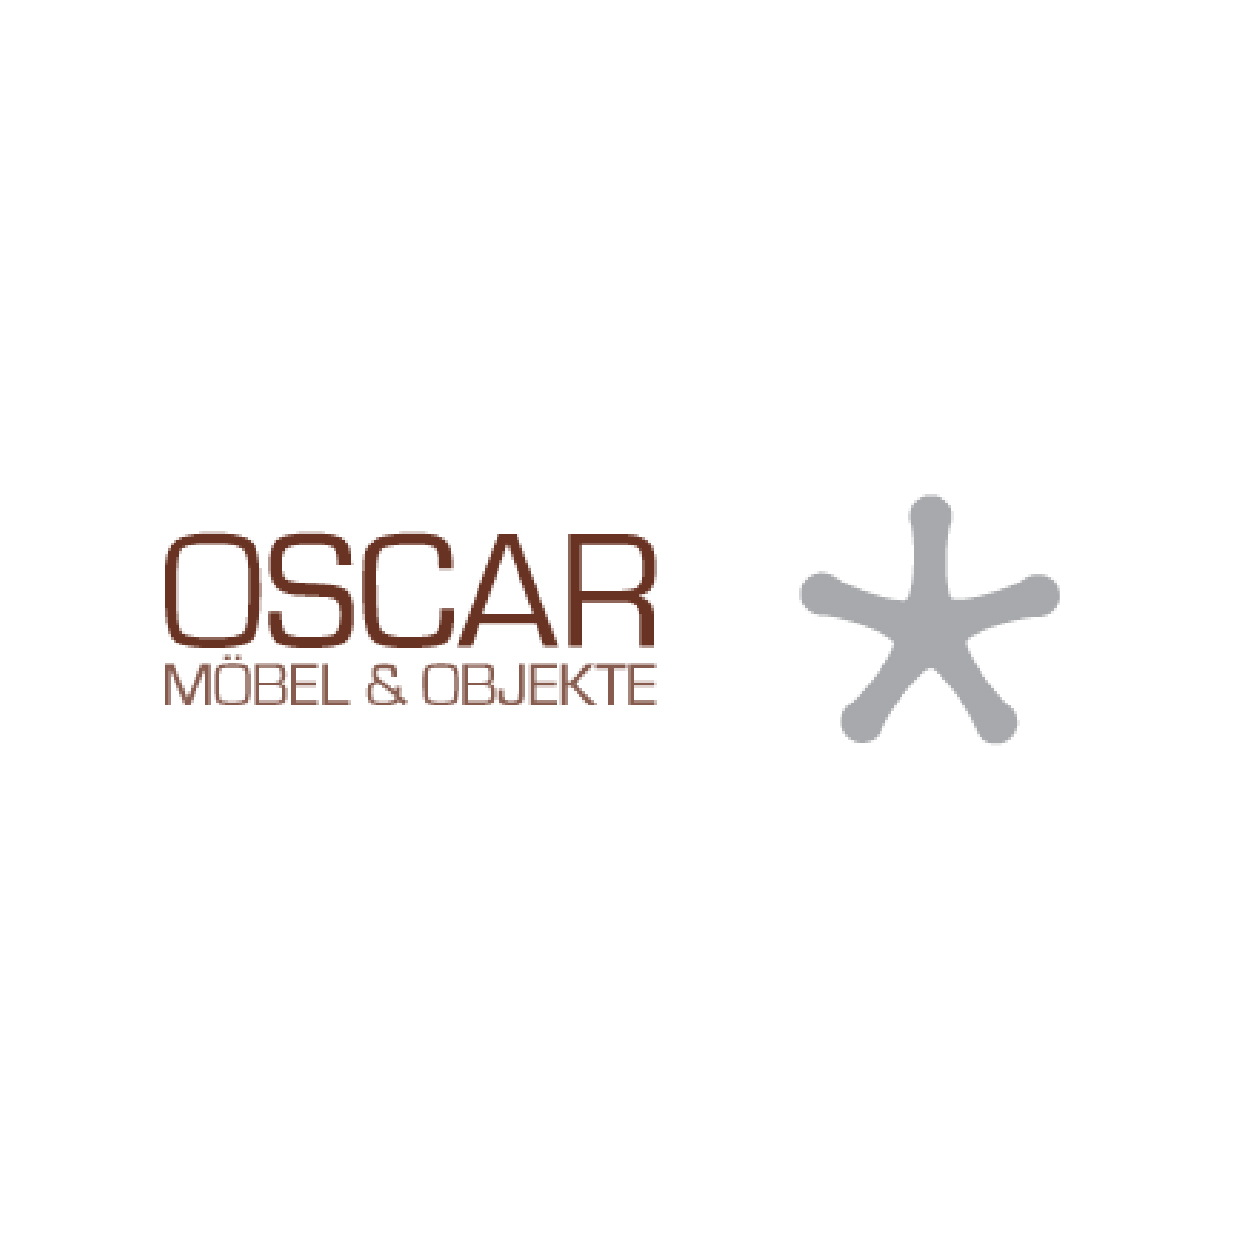 Logo_Oscar_Zeichenfläche 1.jpg